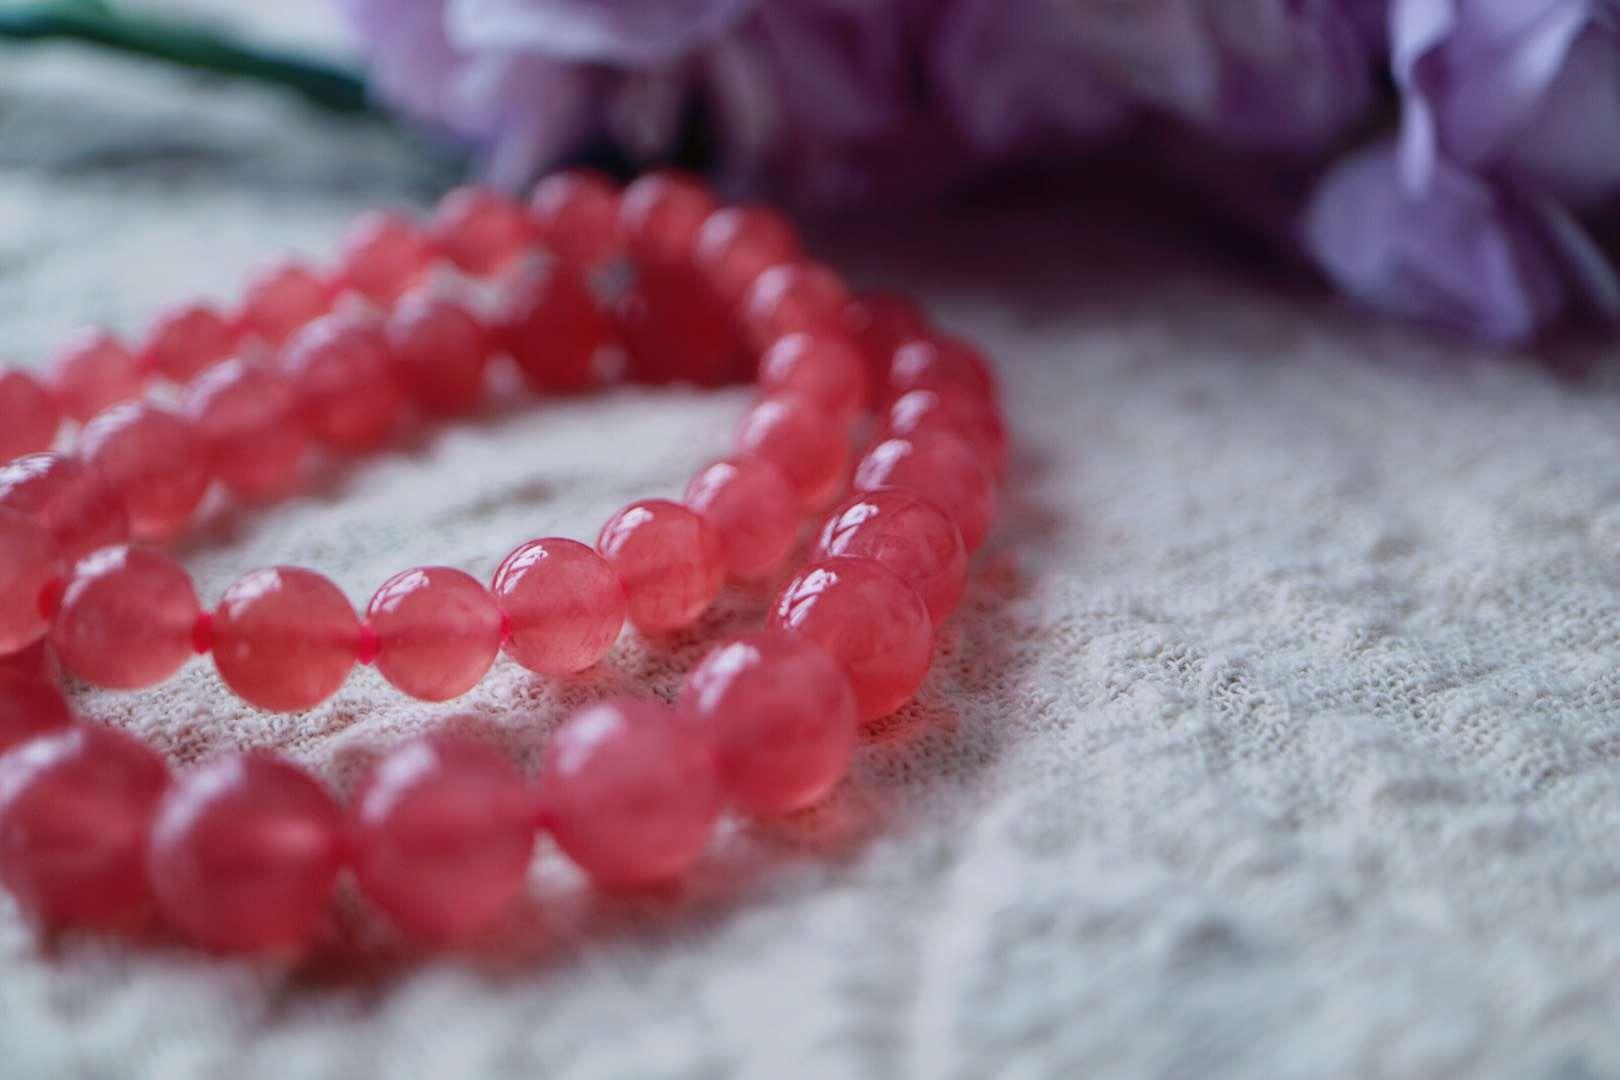 【菩心 | 红纹石】眼前的一片柔软让心也变得快乐而安静-菩心晶舍